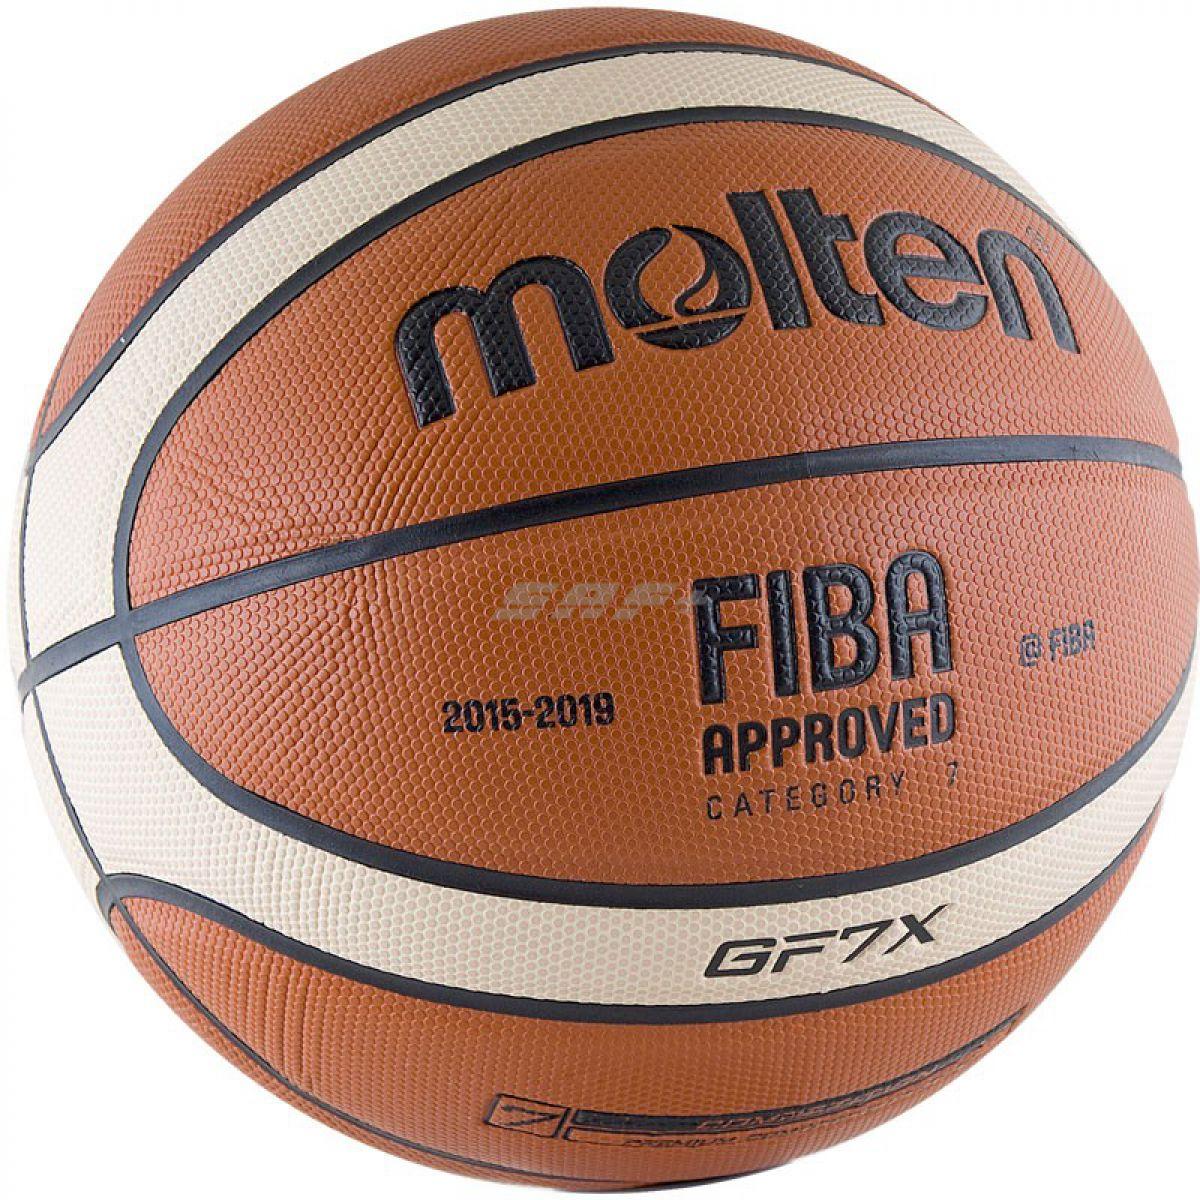 Мяч баскетбольный Molten BGF7X